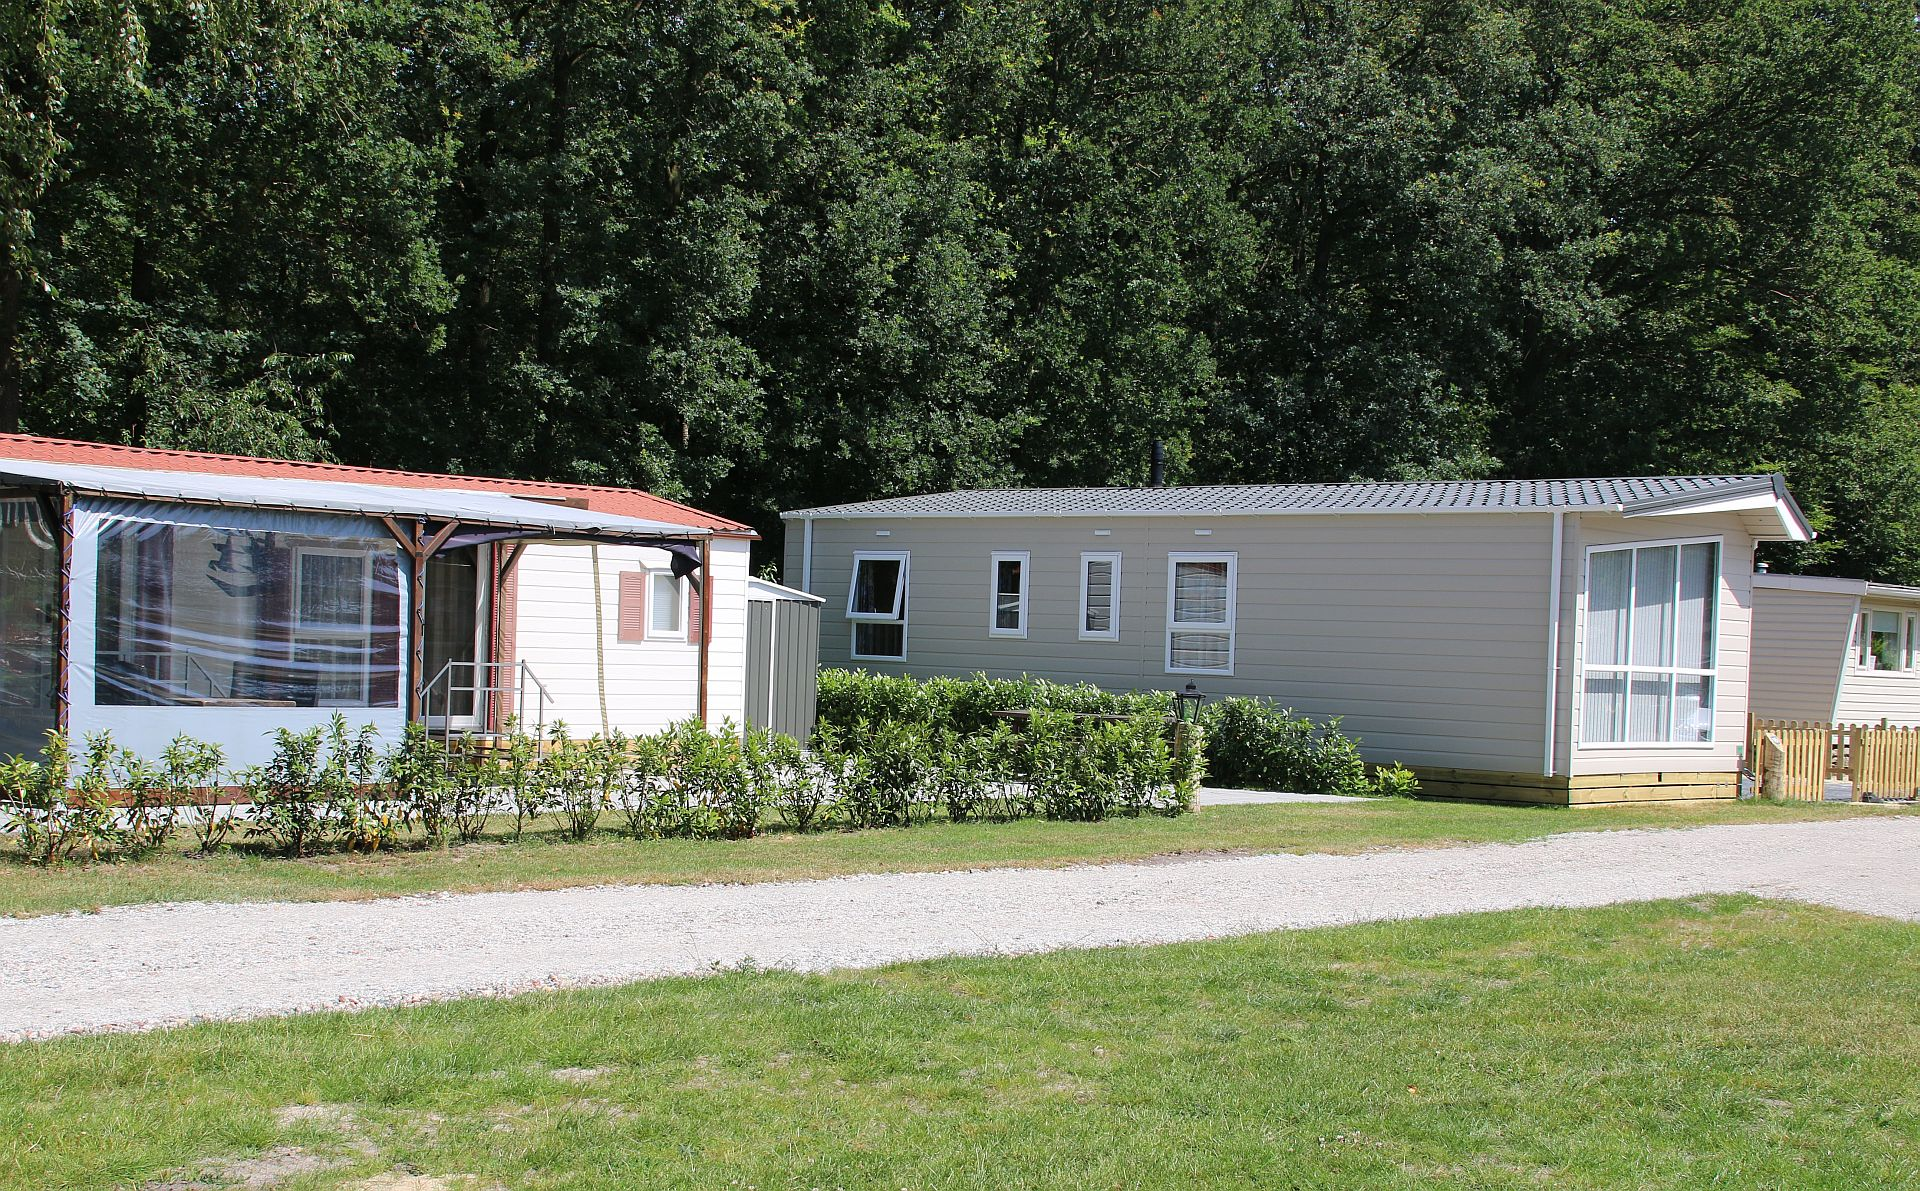 Vaste plaats camping op vijf sterren camping - vaste plaats camping